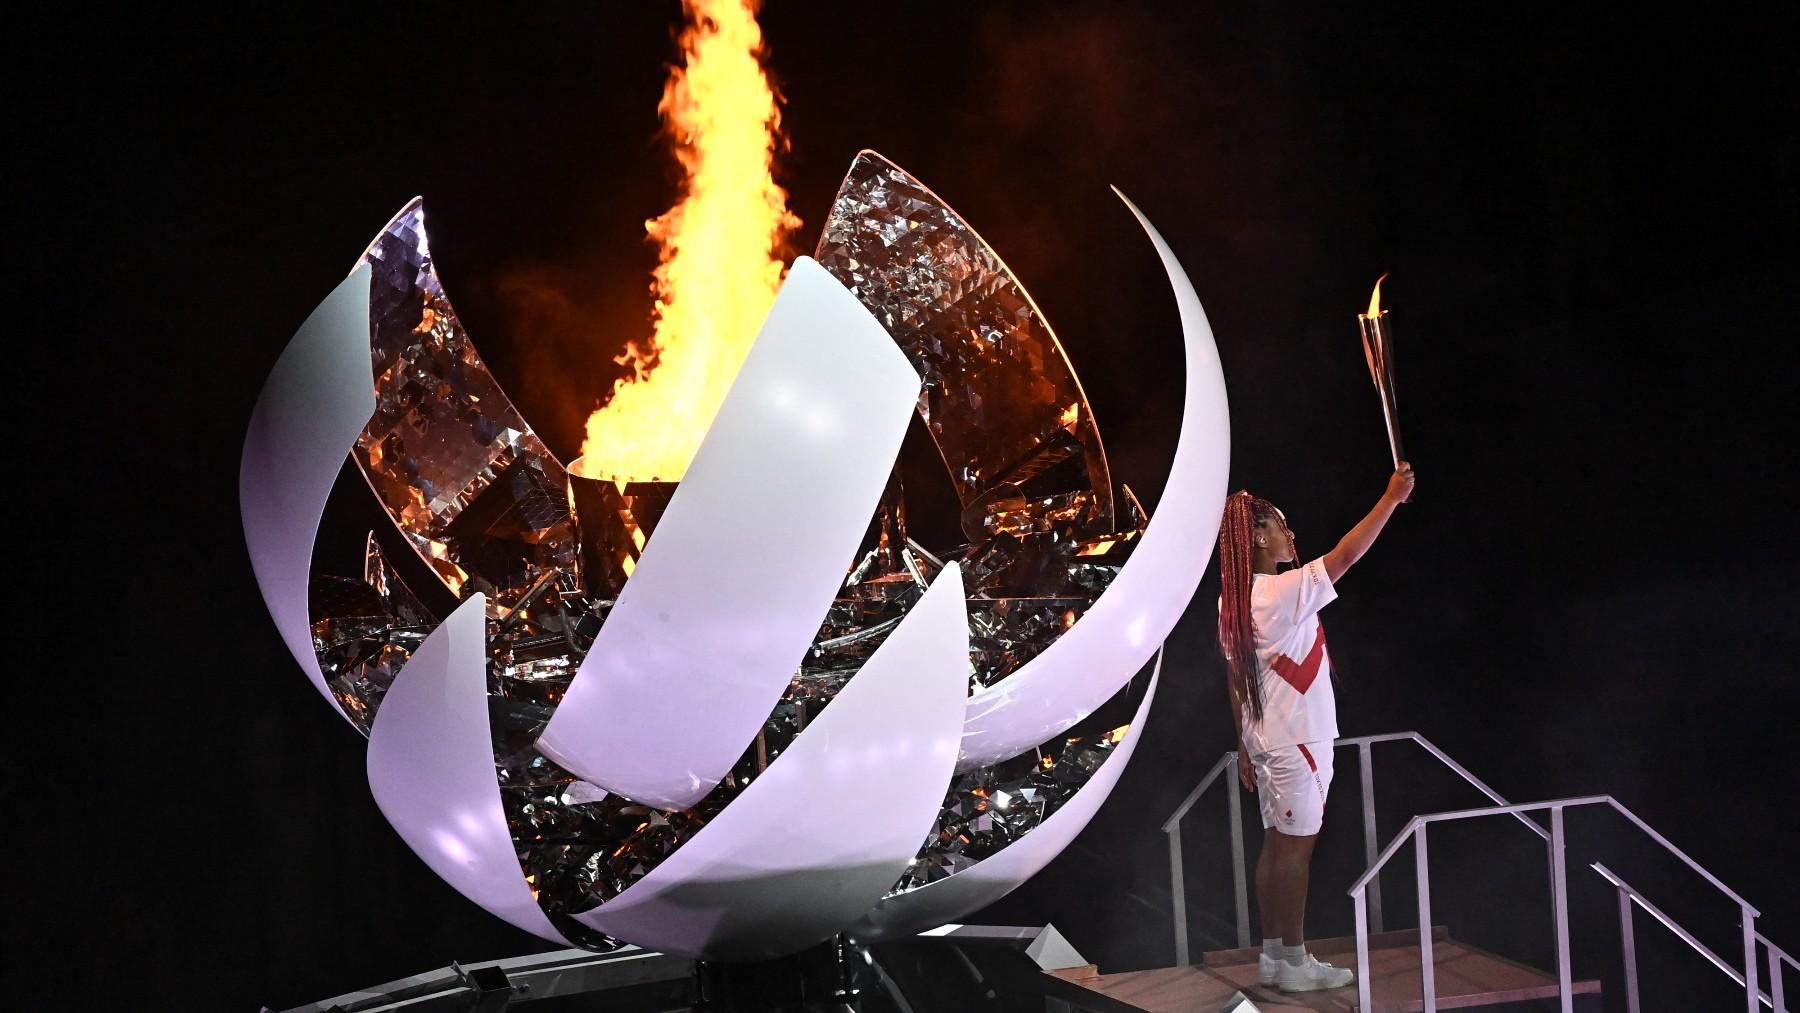 Naomi Osaka encendió la llama olímpica en Tokio. (AFP)